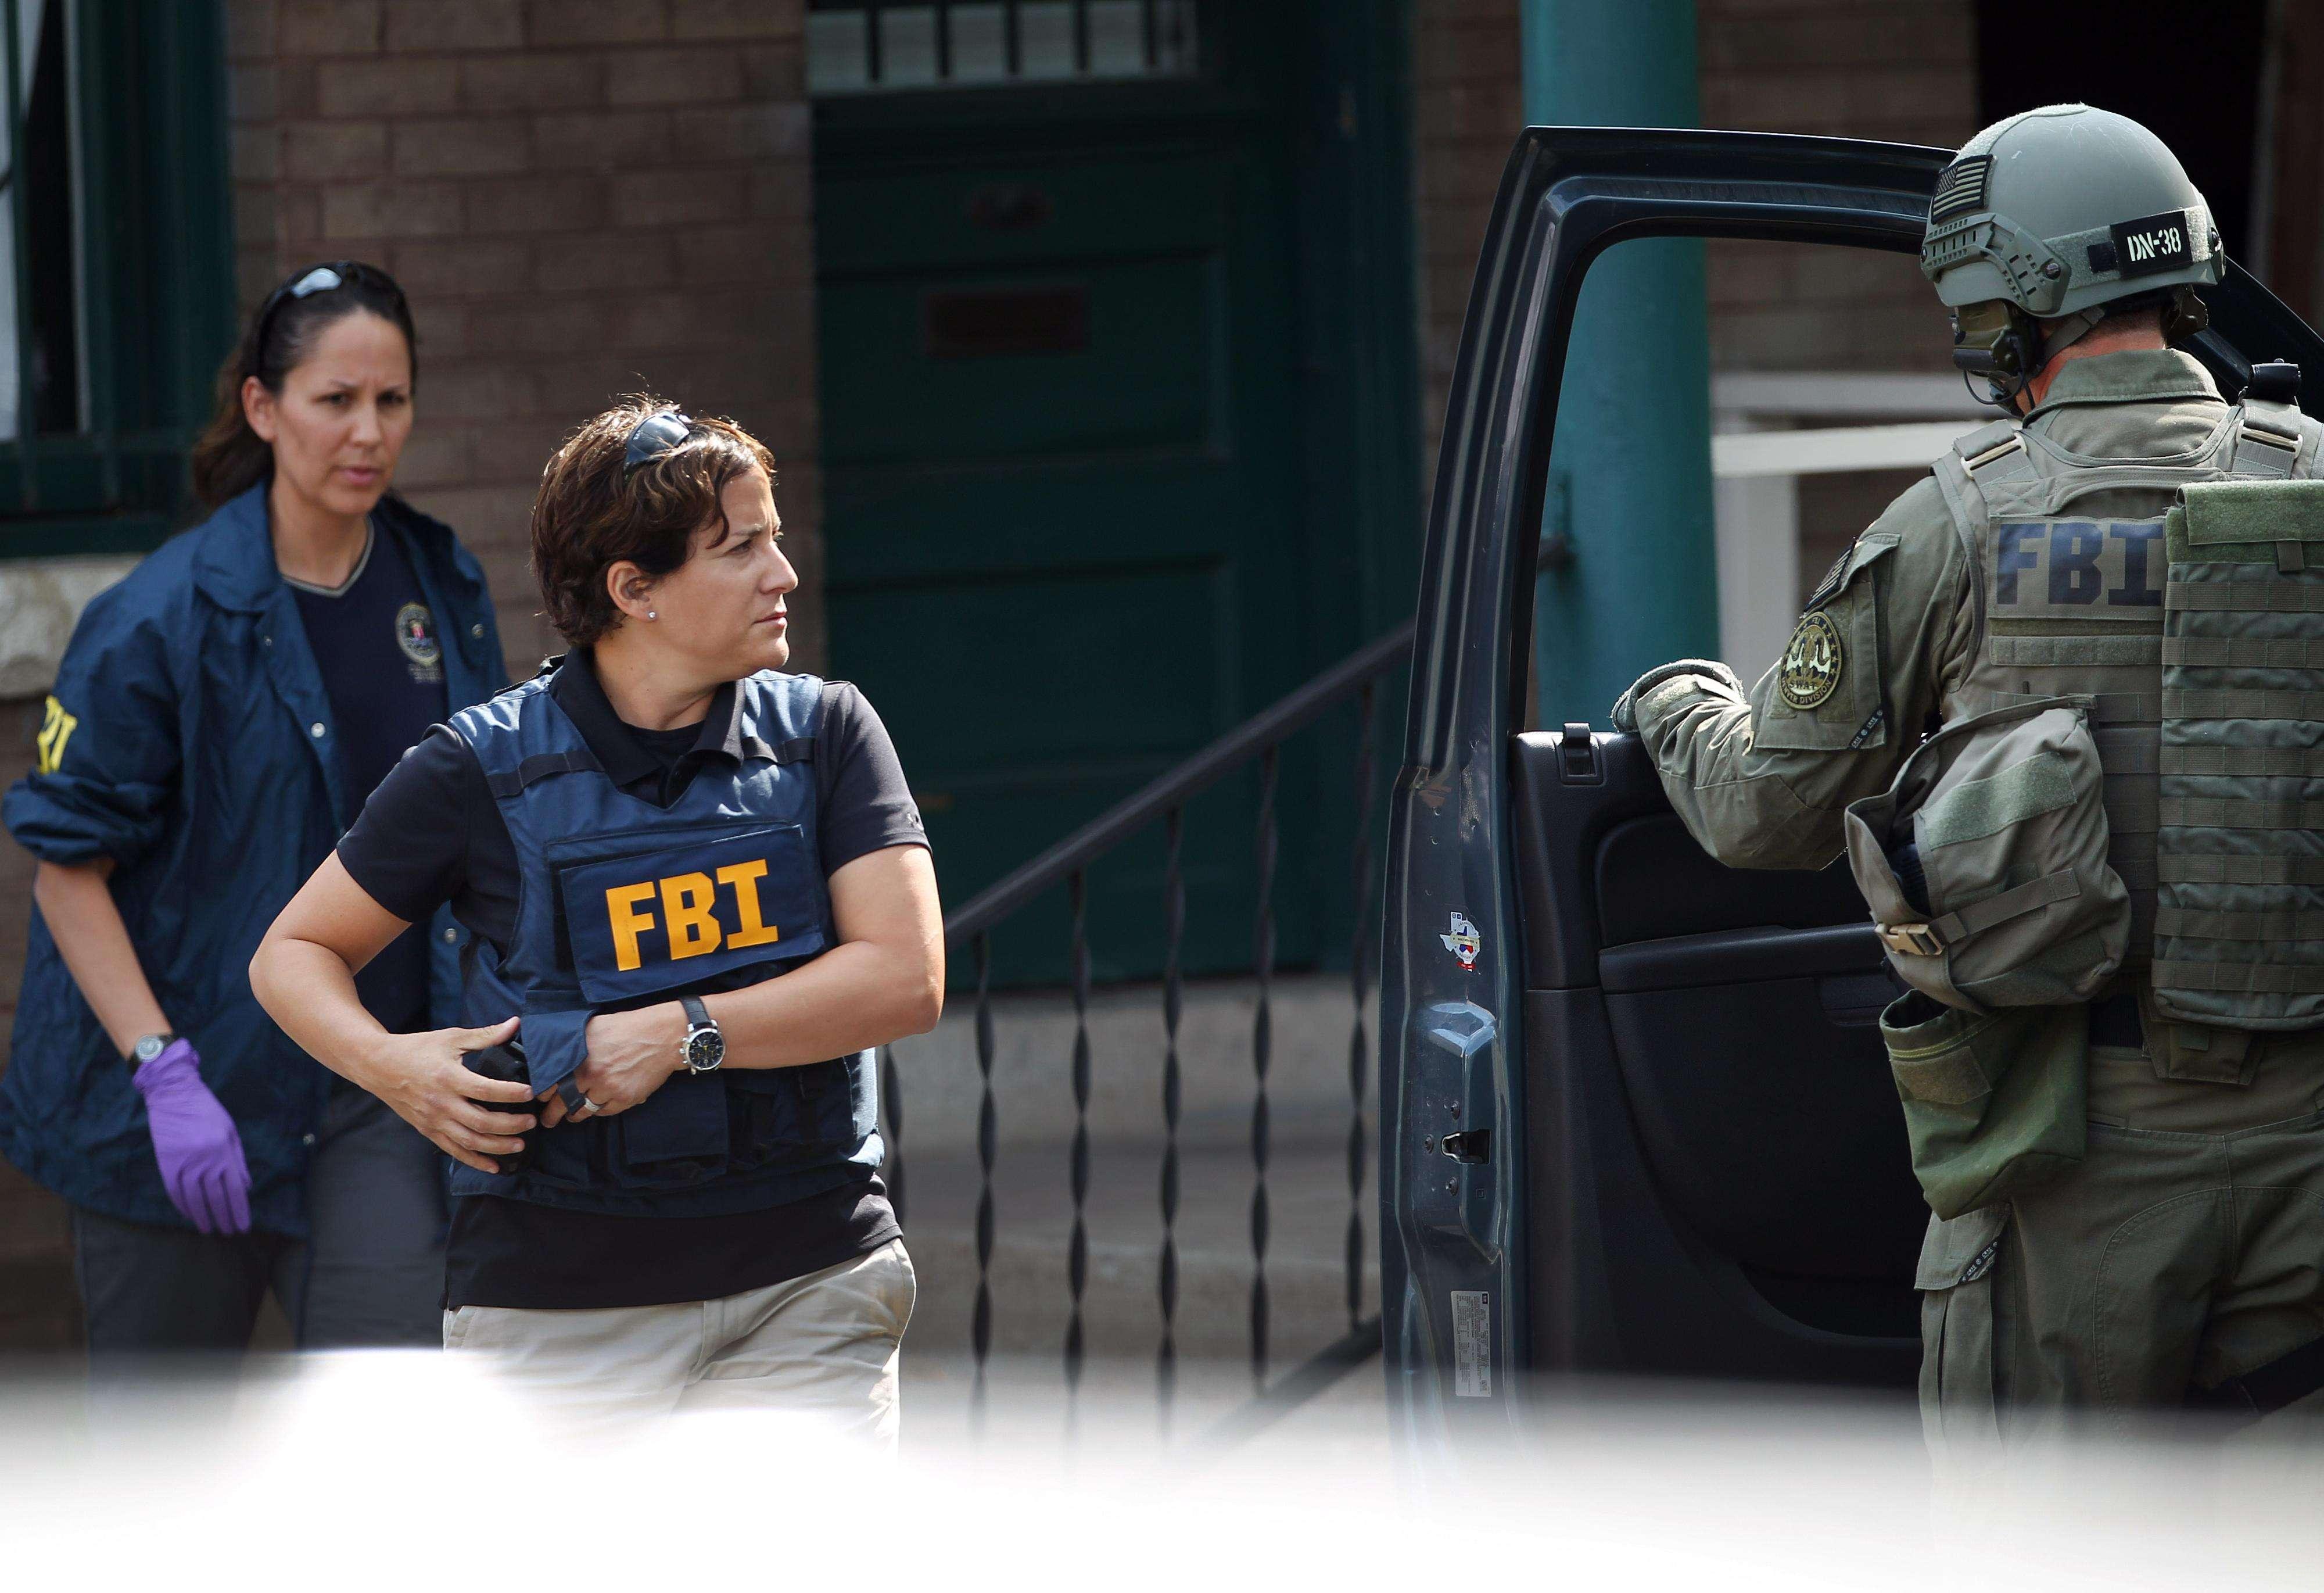 Las jóvenes fueron interceptadas por agentes del FBI en el Aeropuerto de Francfort, en Alemania. Foto de archivo. Foto: AP en español